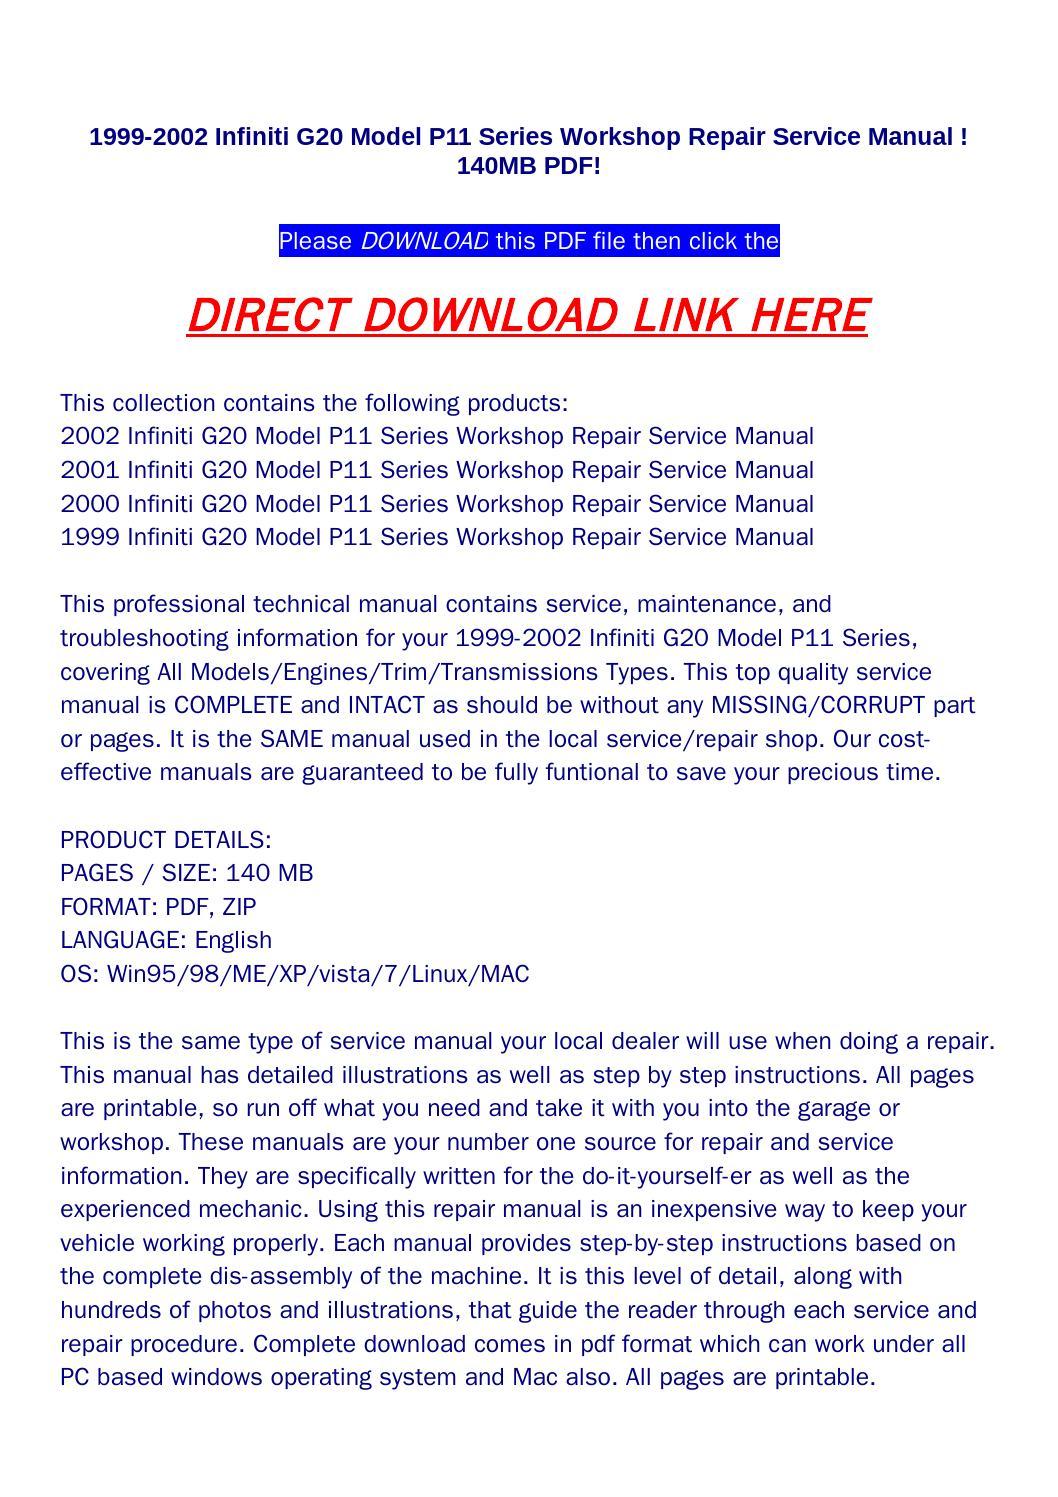 1999 2002 infiniti g20 model p11 series workshop repair service manual  !140mb pdf! by bonus300 - issuu